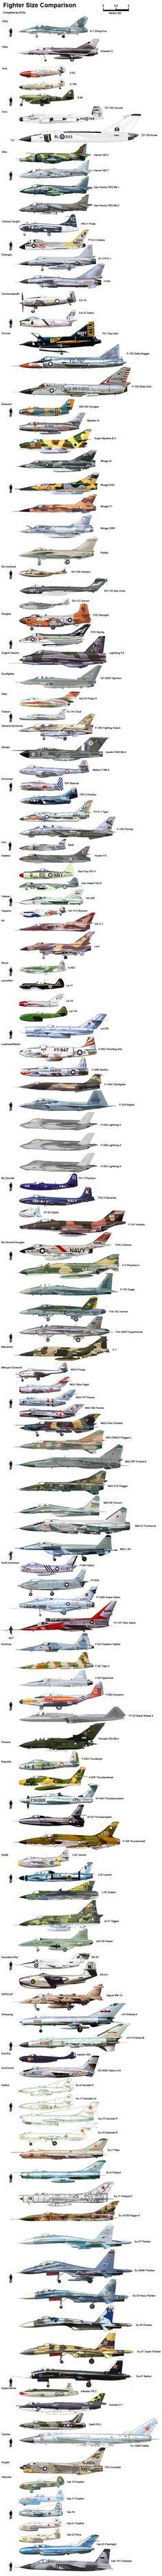 Fighter Size Comparison